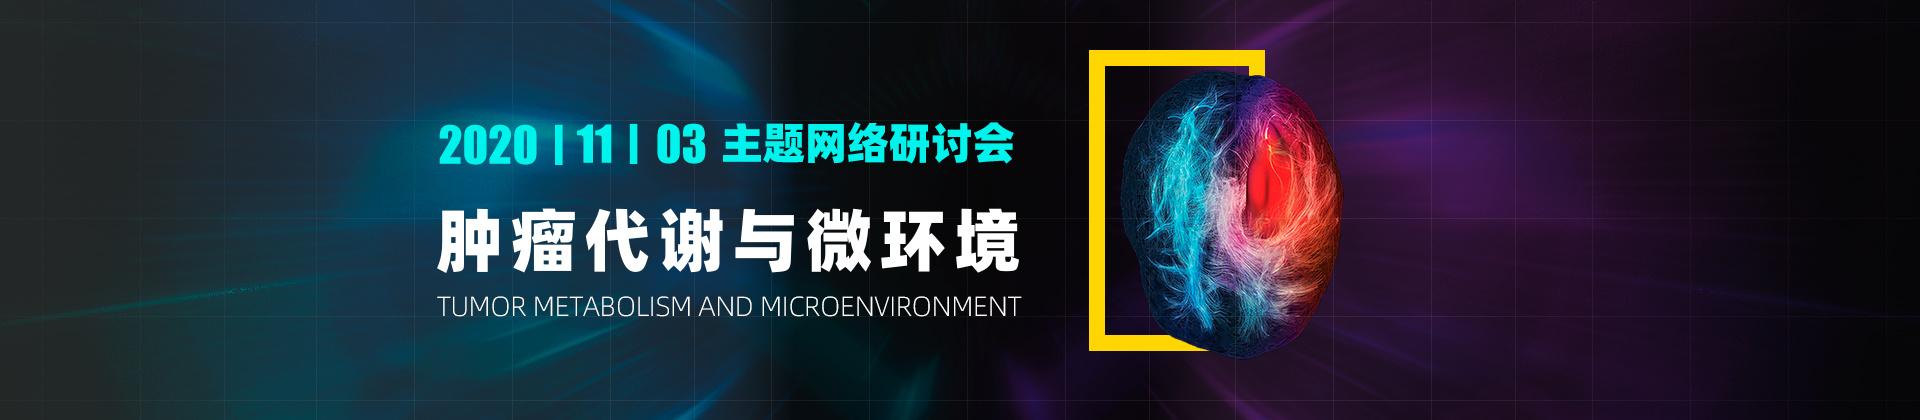 """2020-11-03 09:00 """"肿瘤代谢与微环境""""主题网络研讨会(2020)"""